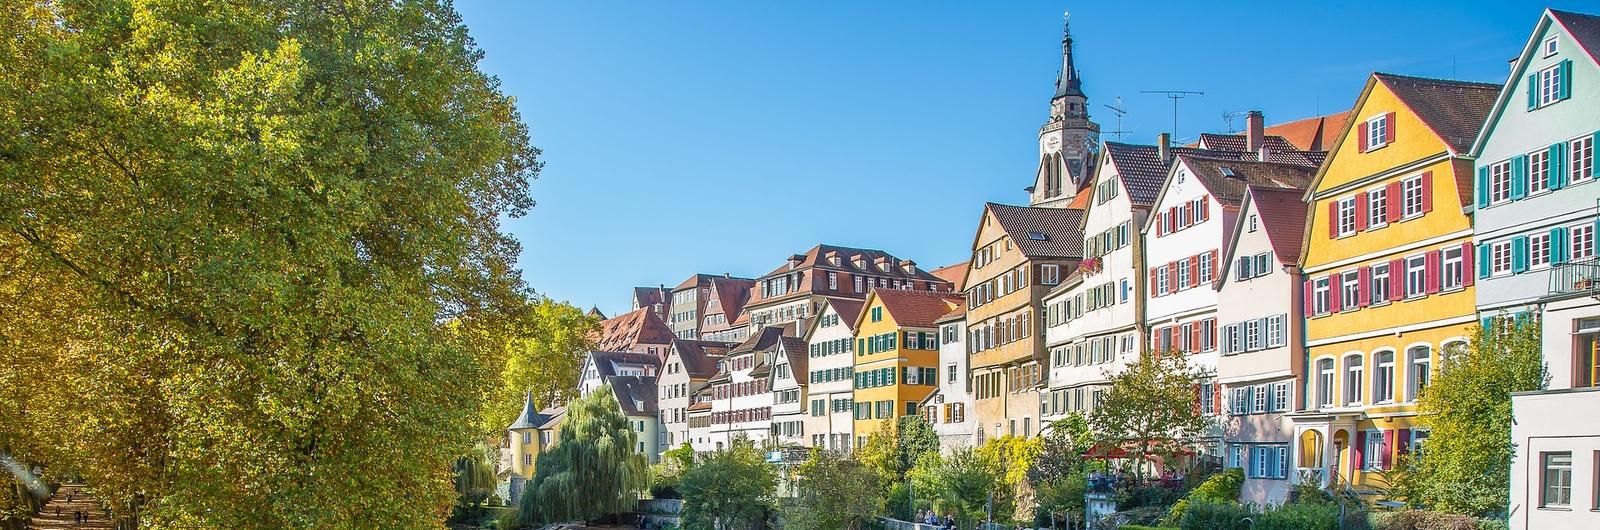 tubingen city header